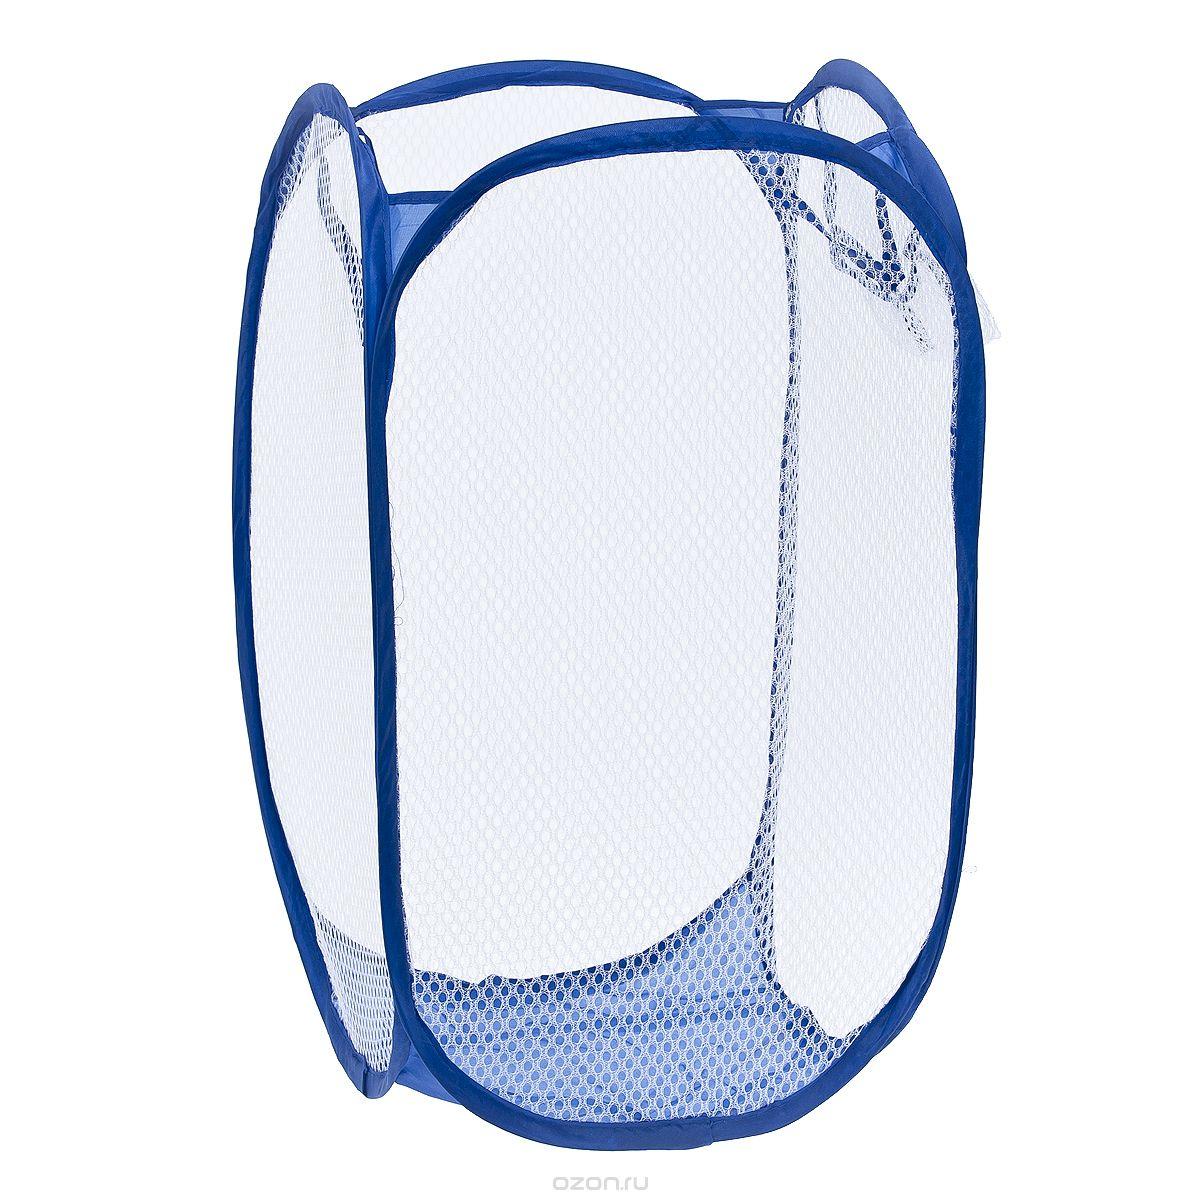 Бак для белья Migliore Корзина, синий